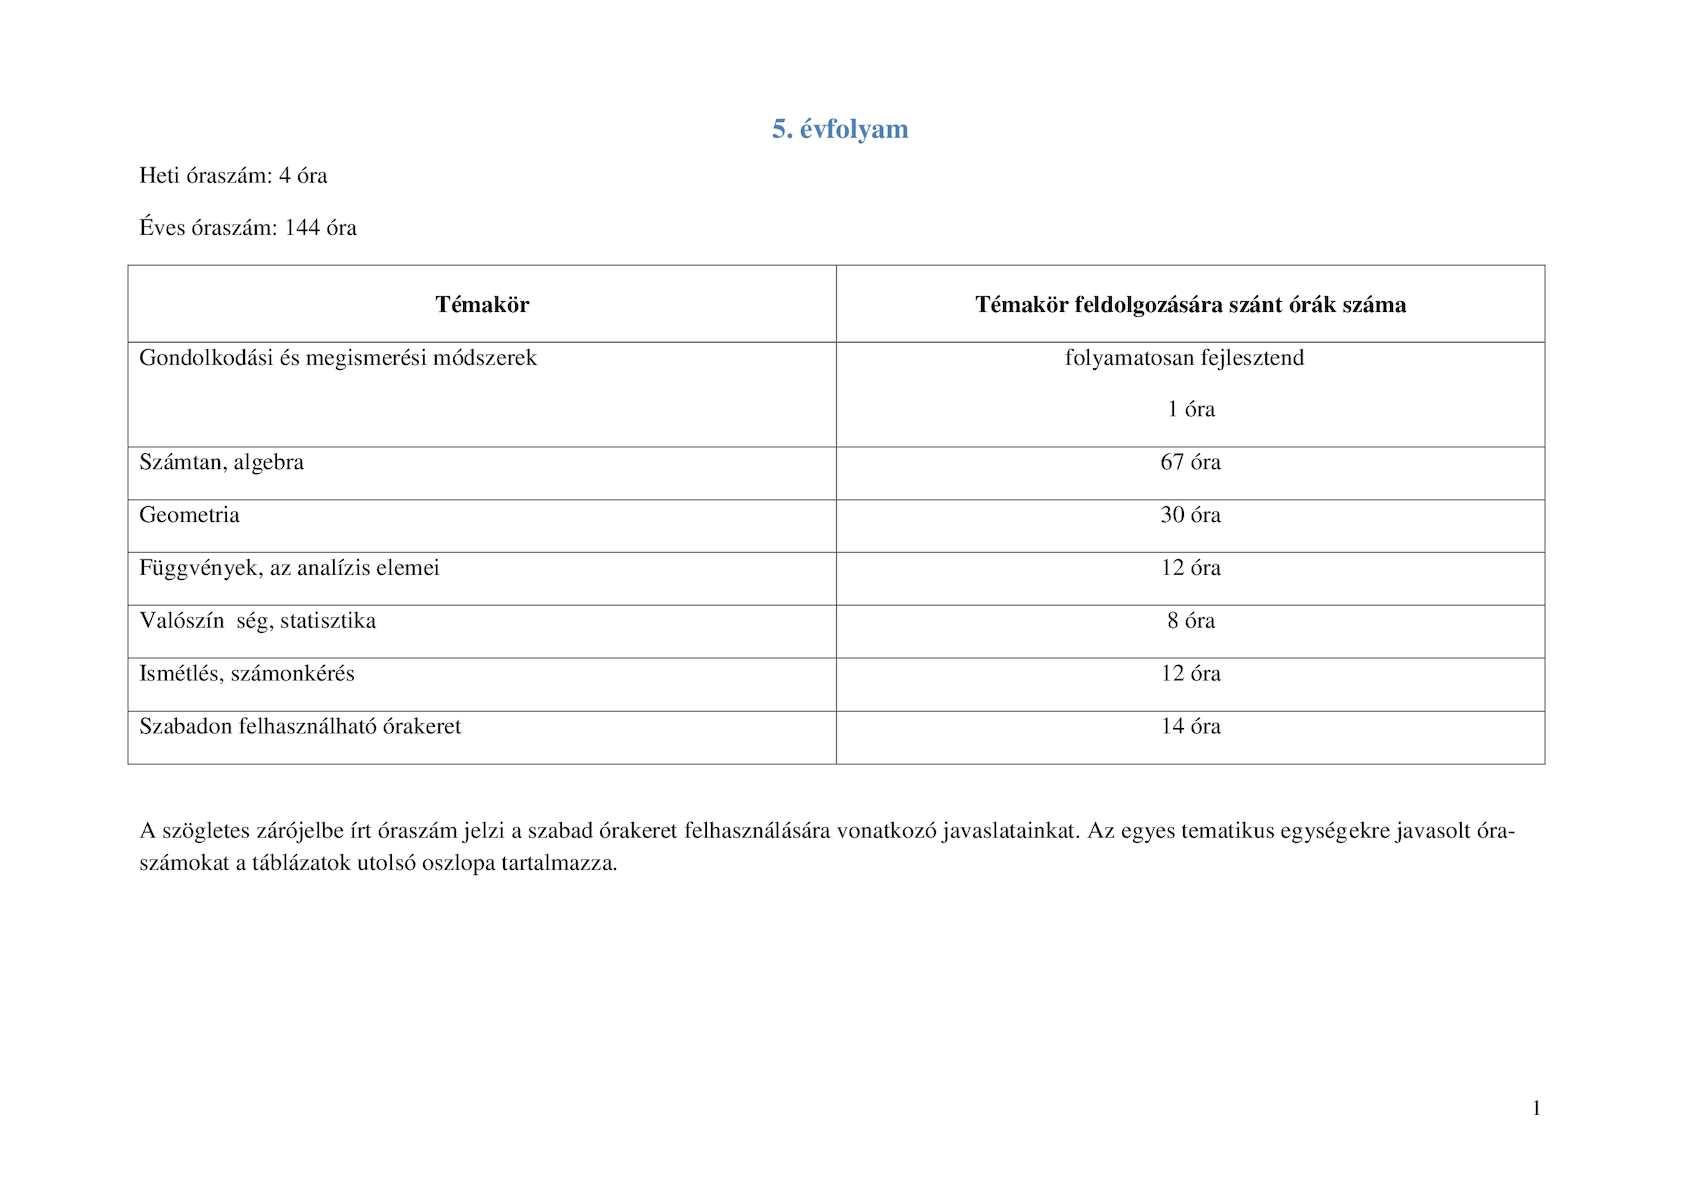 Méregtelenítés kiegészítők GNC. Ne segít a fogyásban pirula Máj méregtelenítő kiegészítők GNC